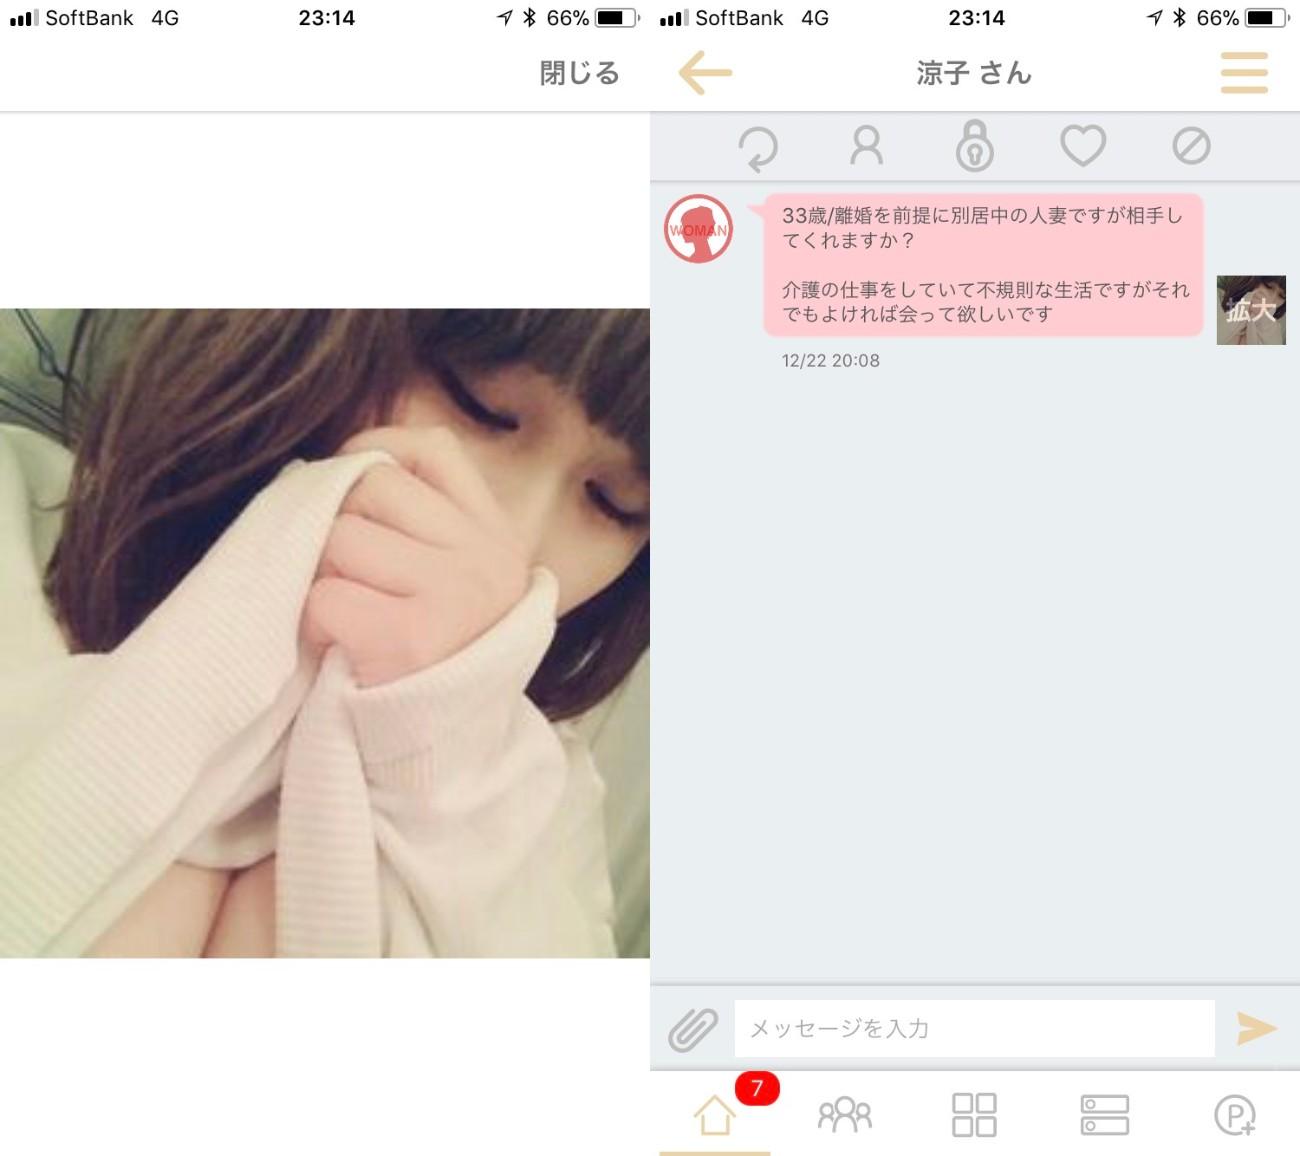 サクラ詐欺出会い系アプリ「人妻のお願い」サクラの涼子